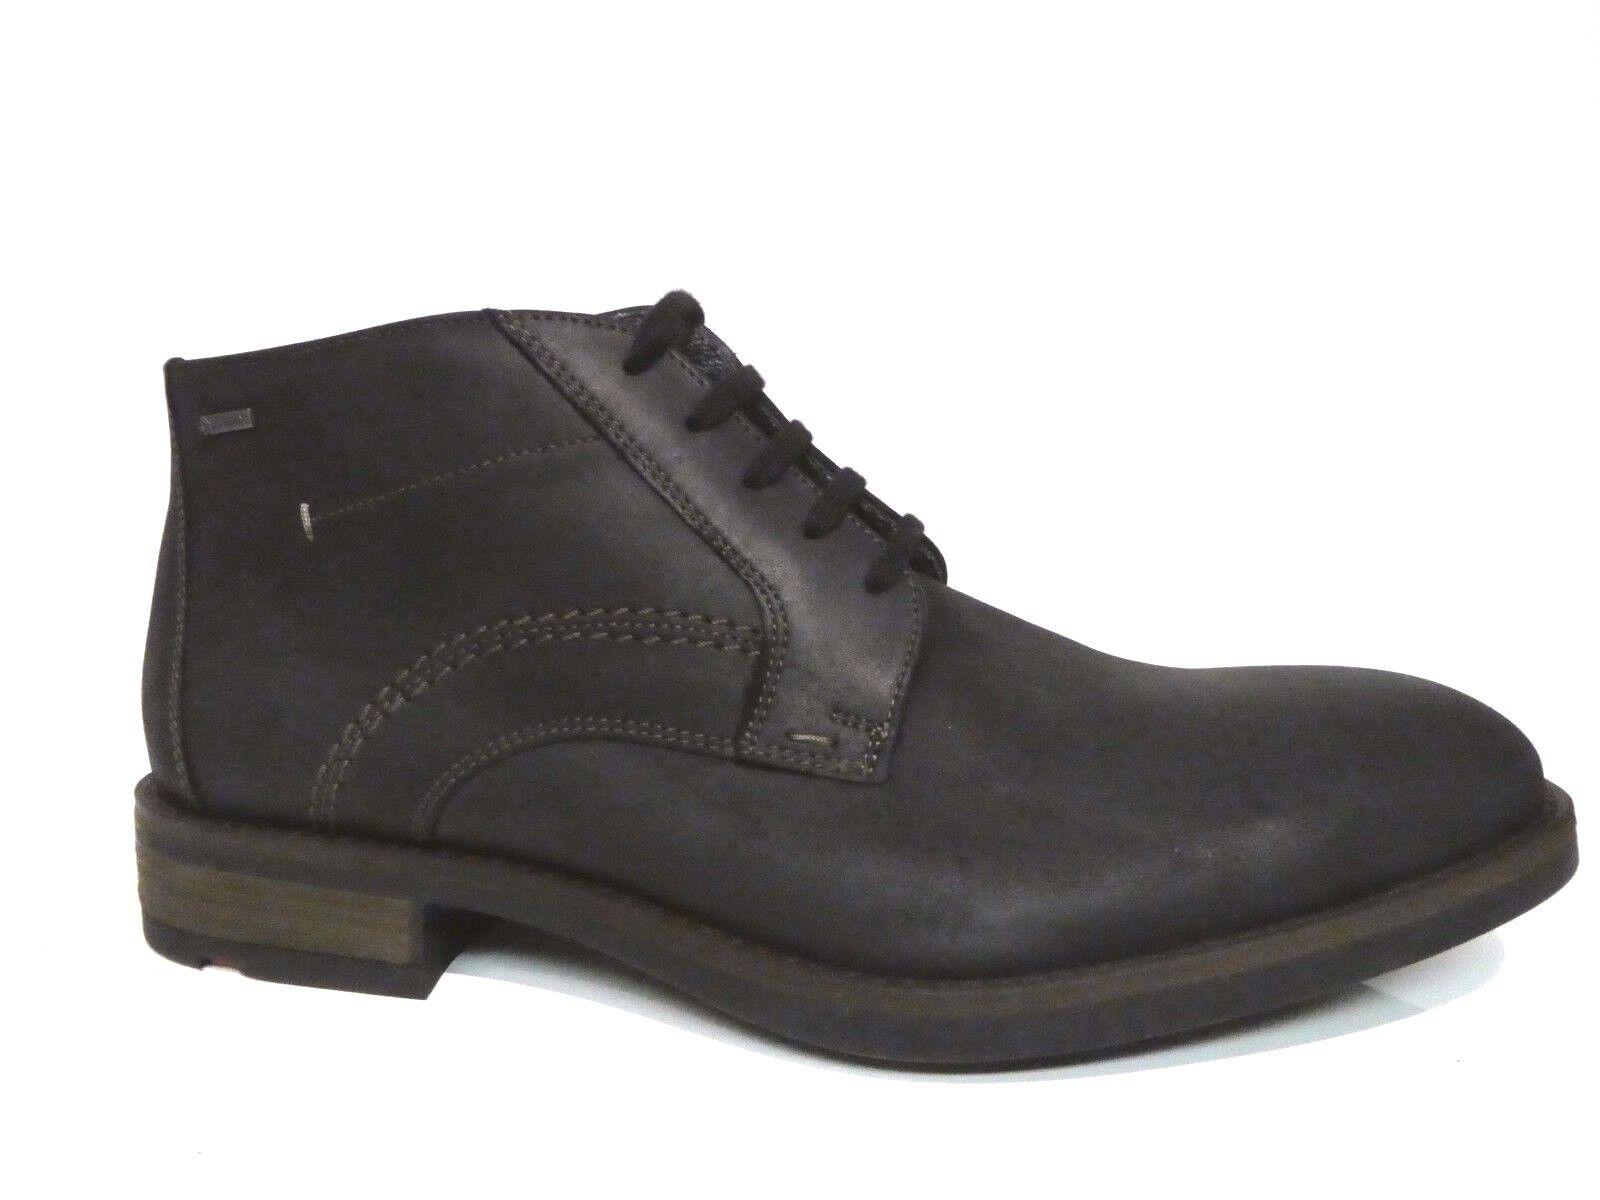 Lloyd Herren Schuhe Stiefel Stiefeletten Stiefel Veltin schwarz Leder Gore Tex NEU